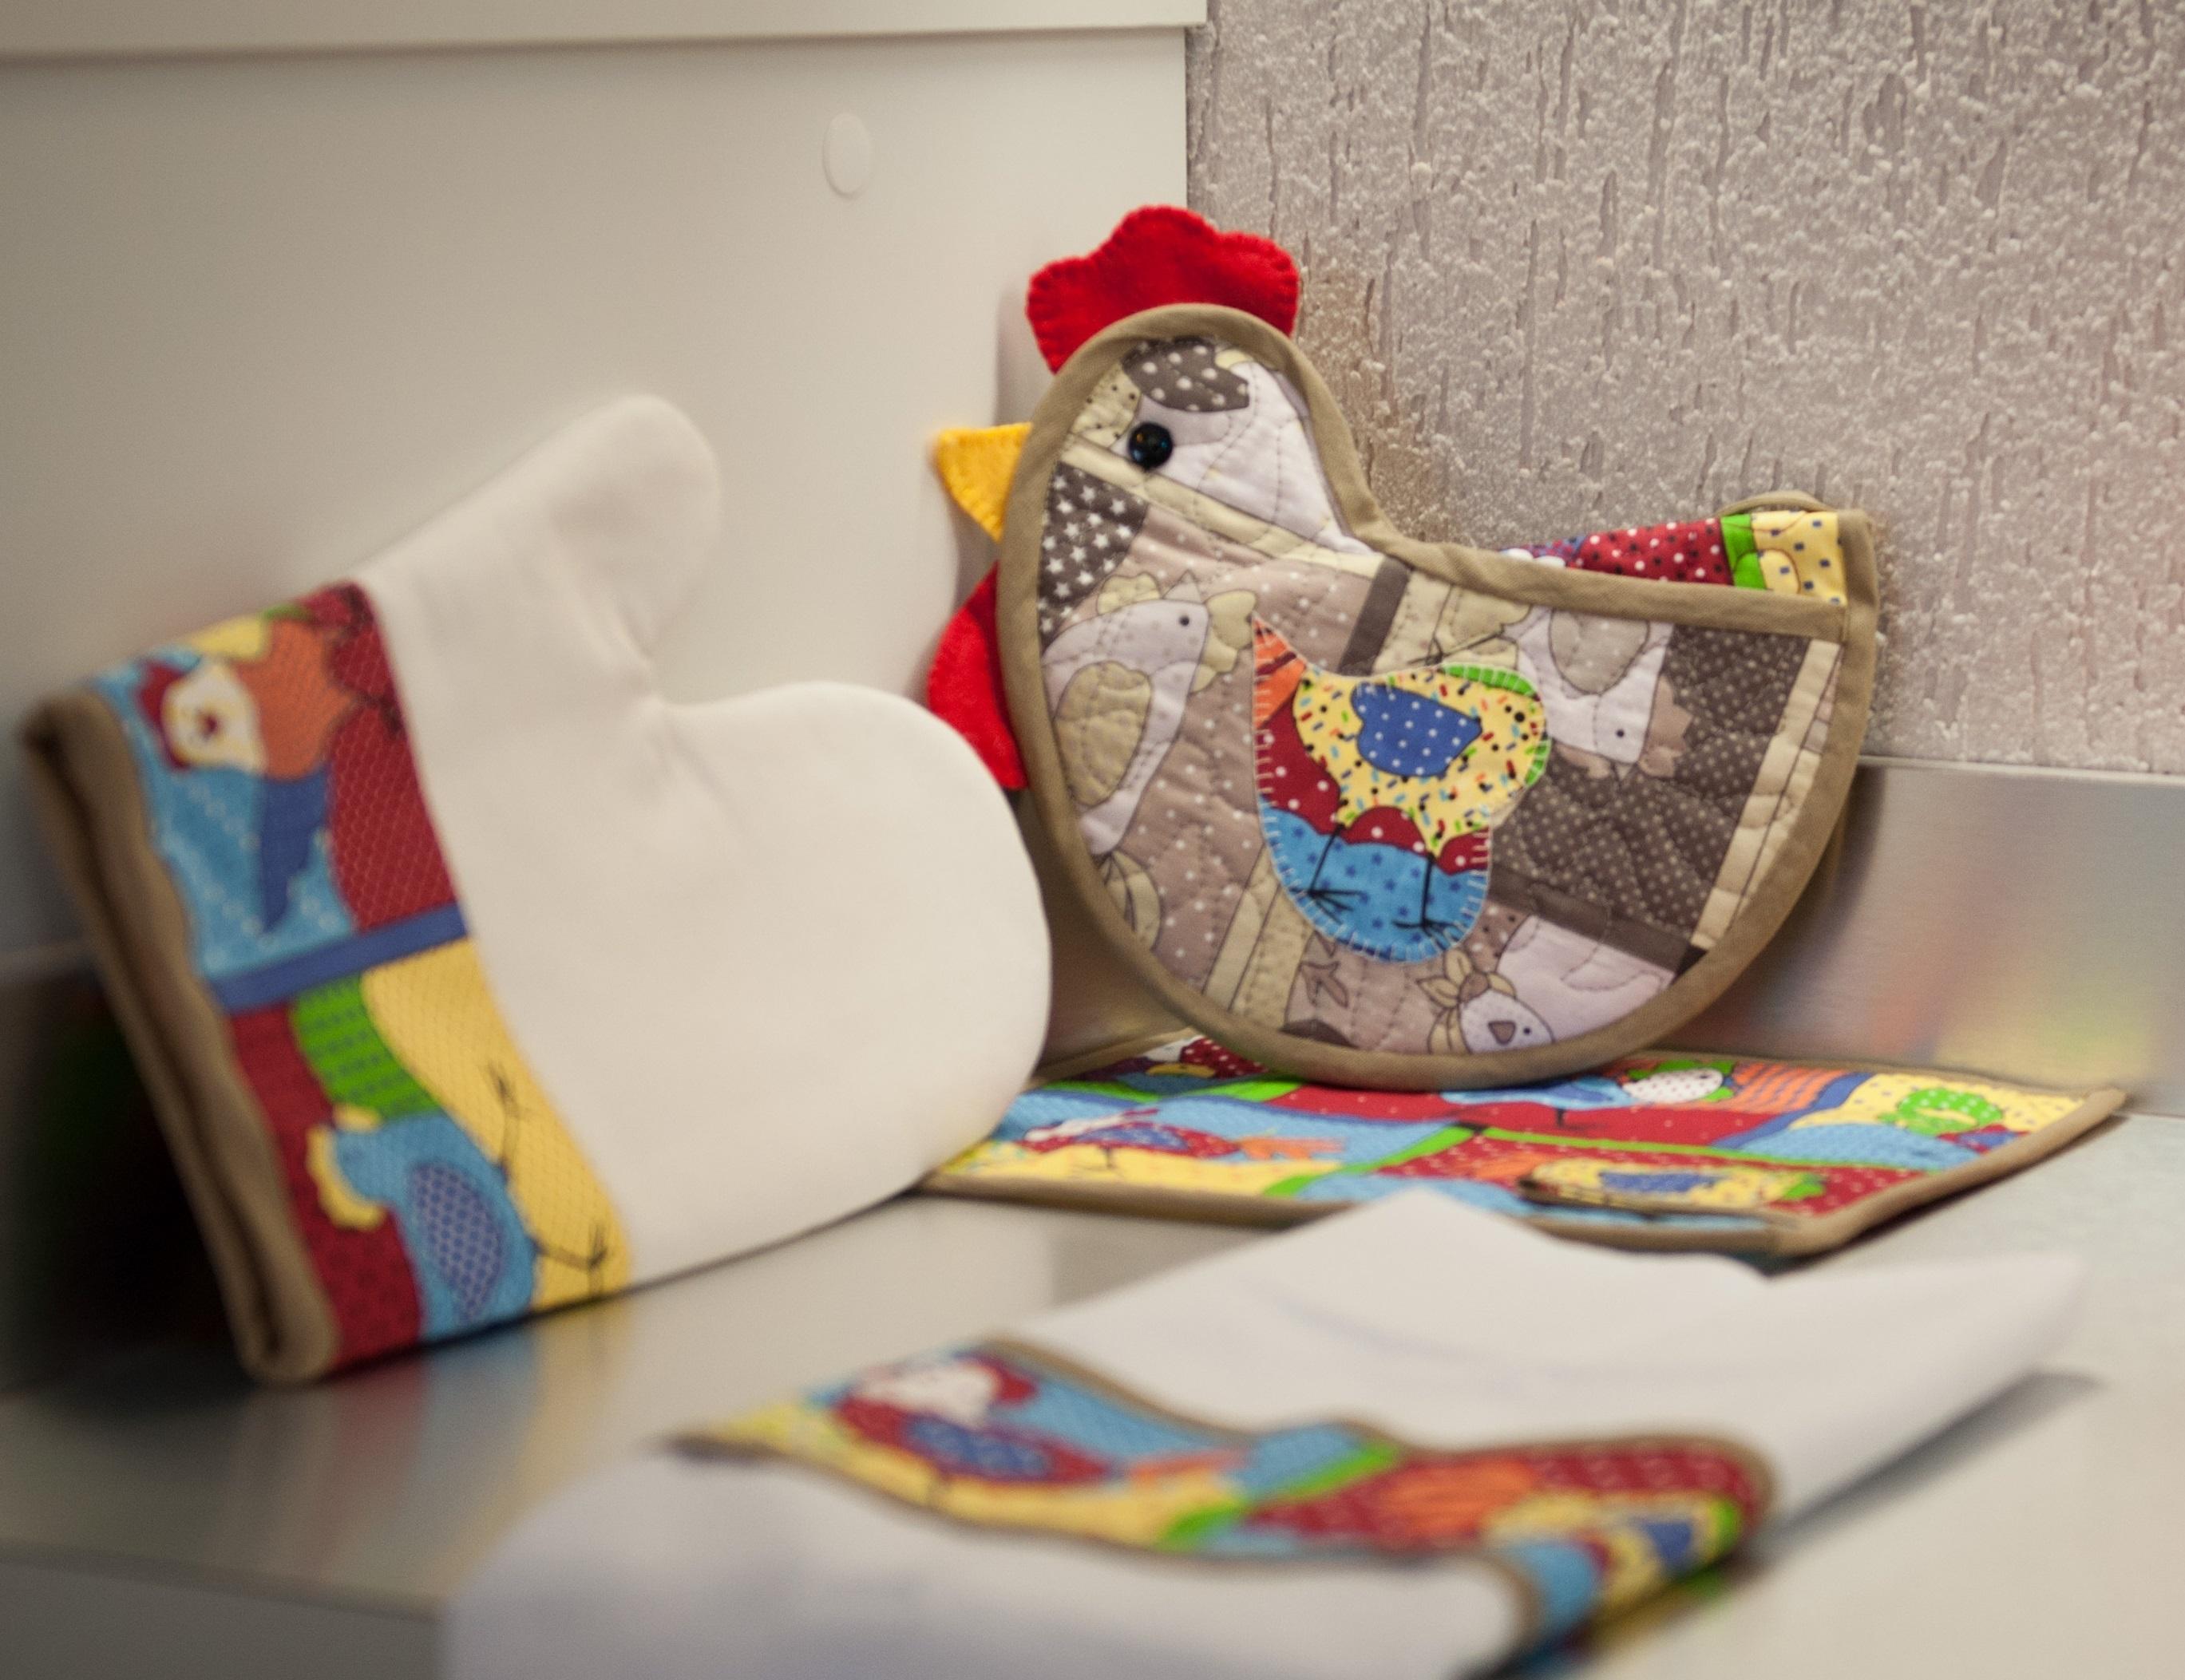 kit decoracao cozinha:Kit Cozinha Patchwork Galinha Colorida